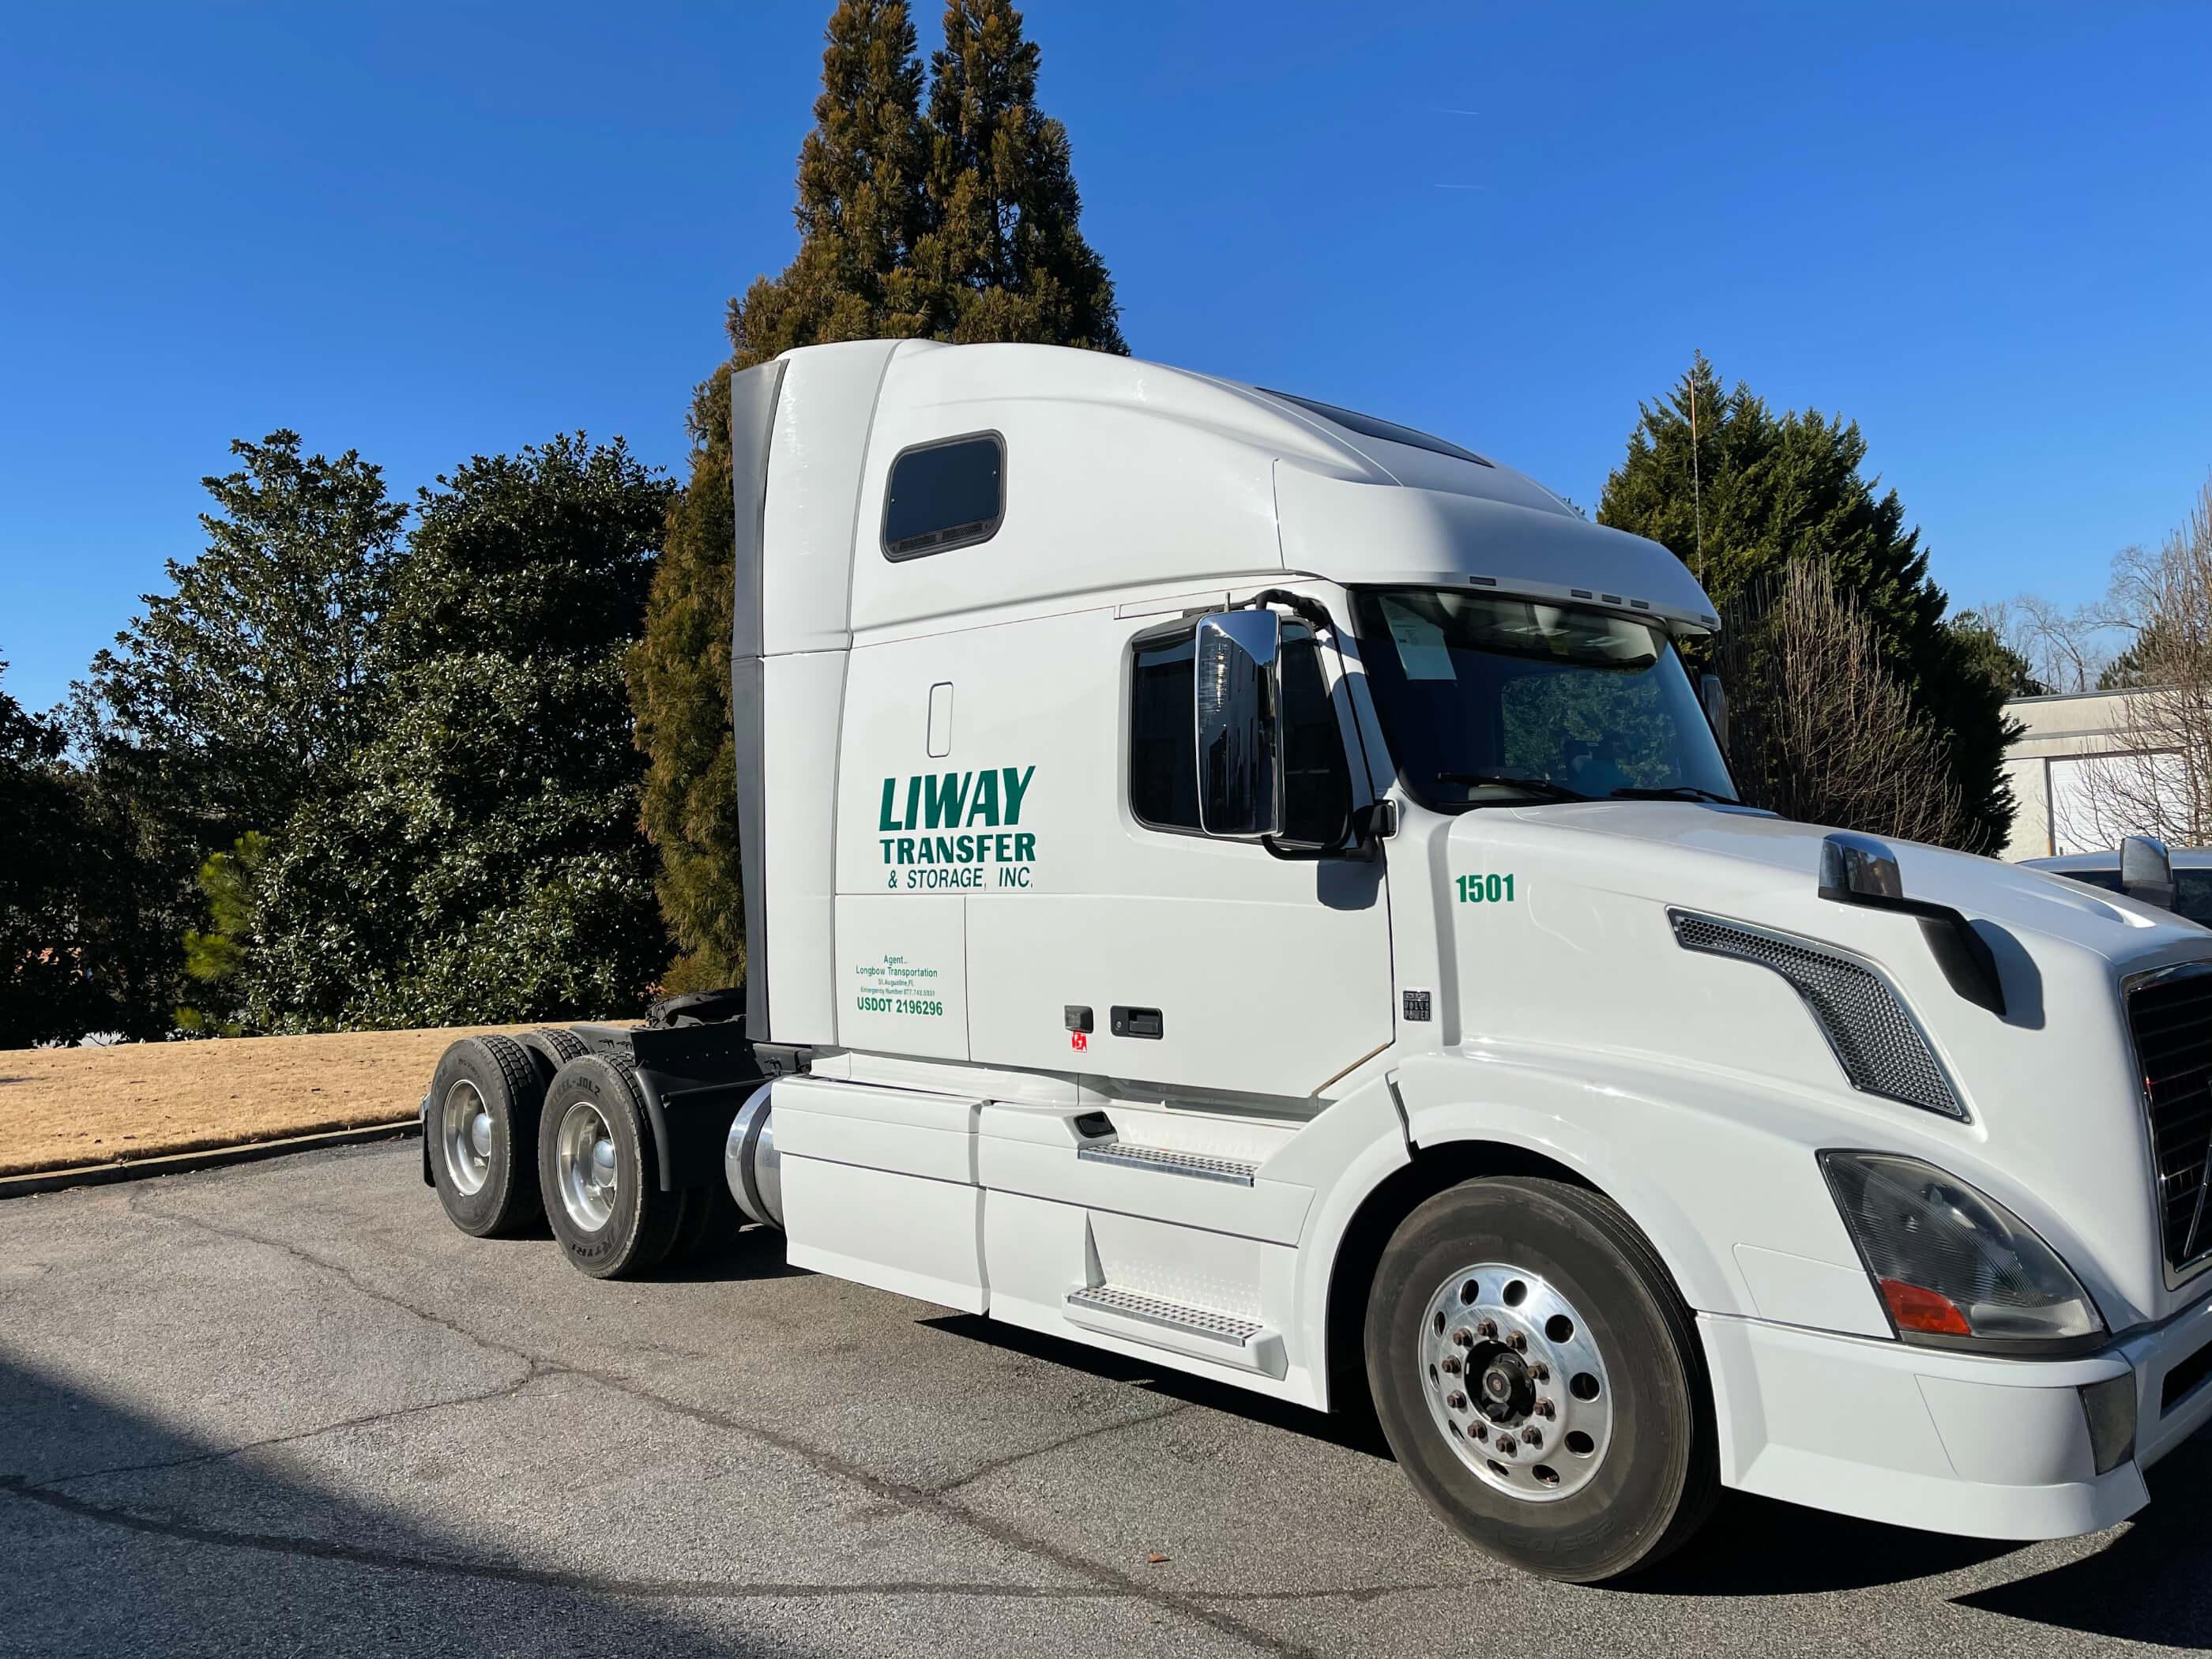 Li-Way Transfer & Storage, Inc Truck